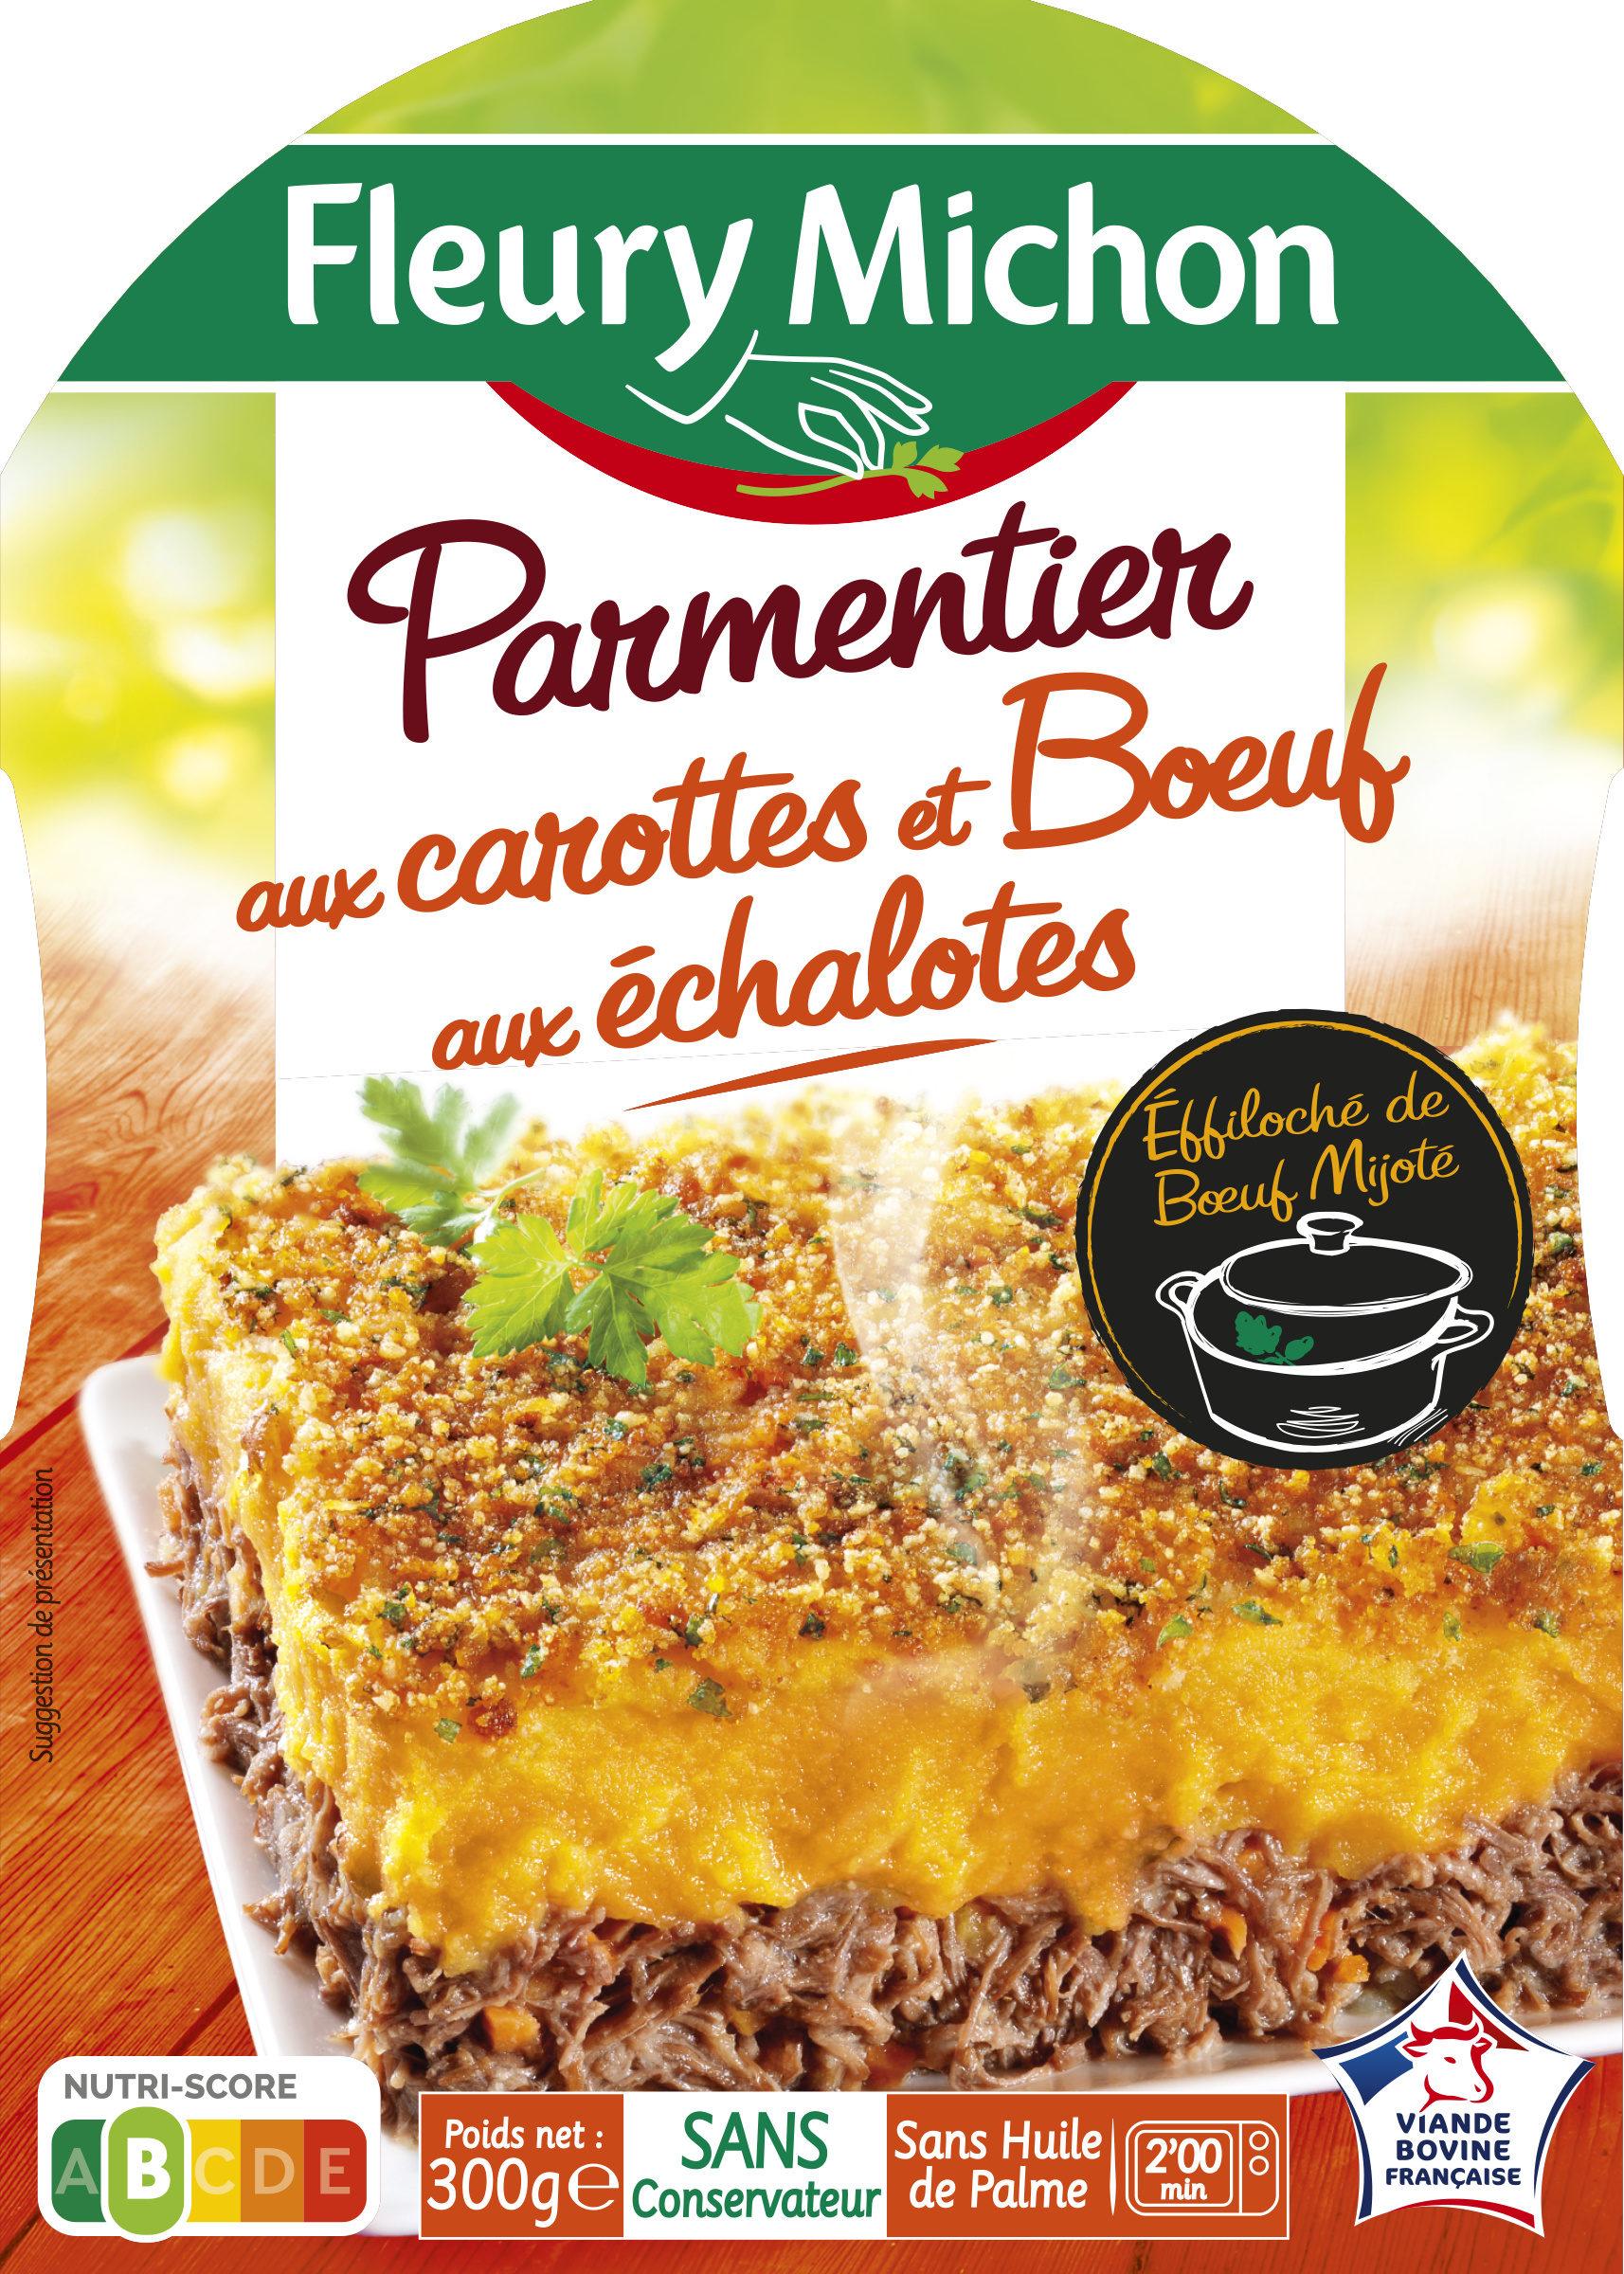 Parmentier aux carottes et Boeuf aux échalotes - Produit - fr